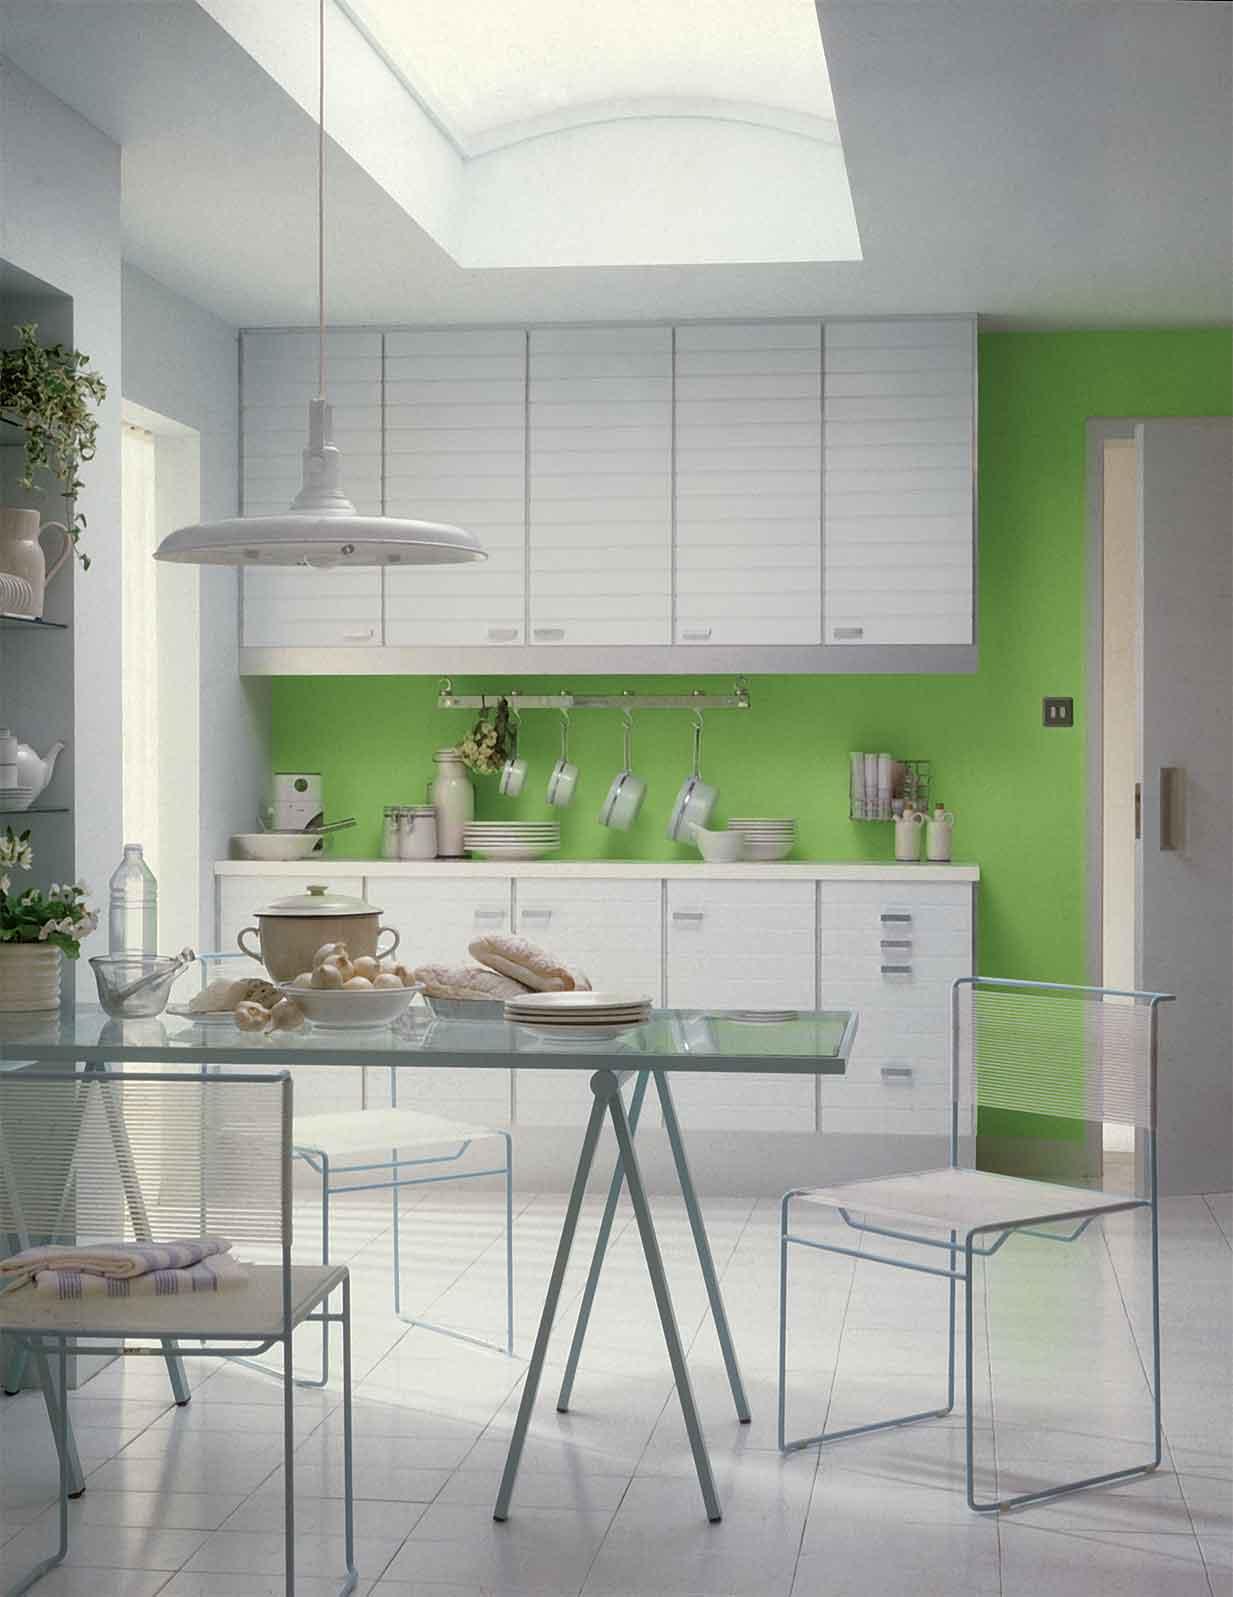 cozinha-verde-44